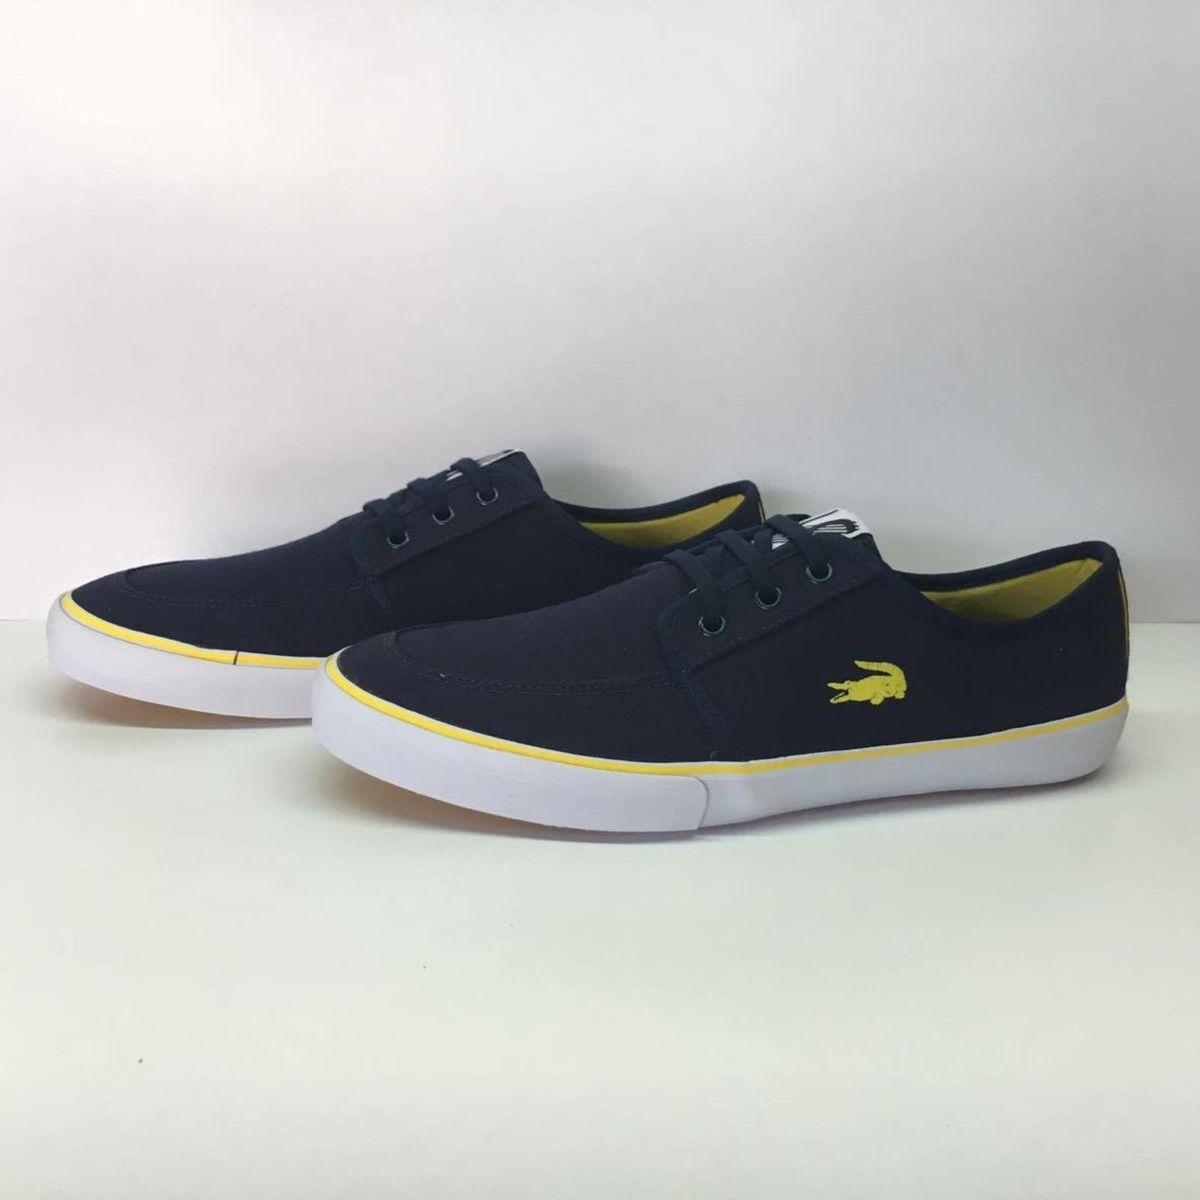 9b05b71a0e1 Tênis Lacoste Azul Marinho e Amarelo